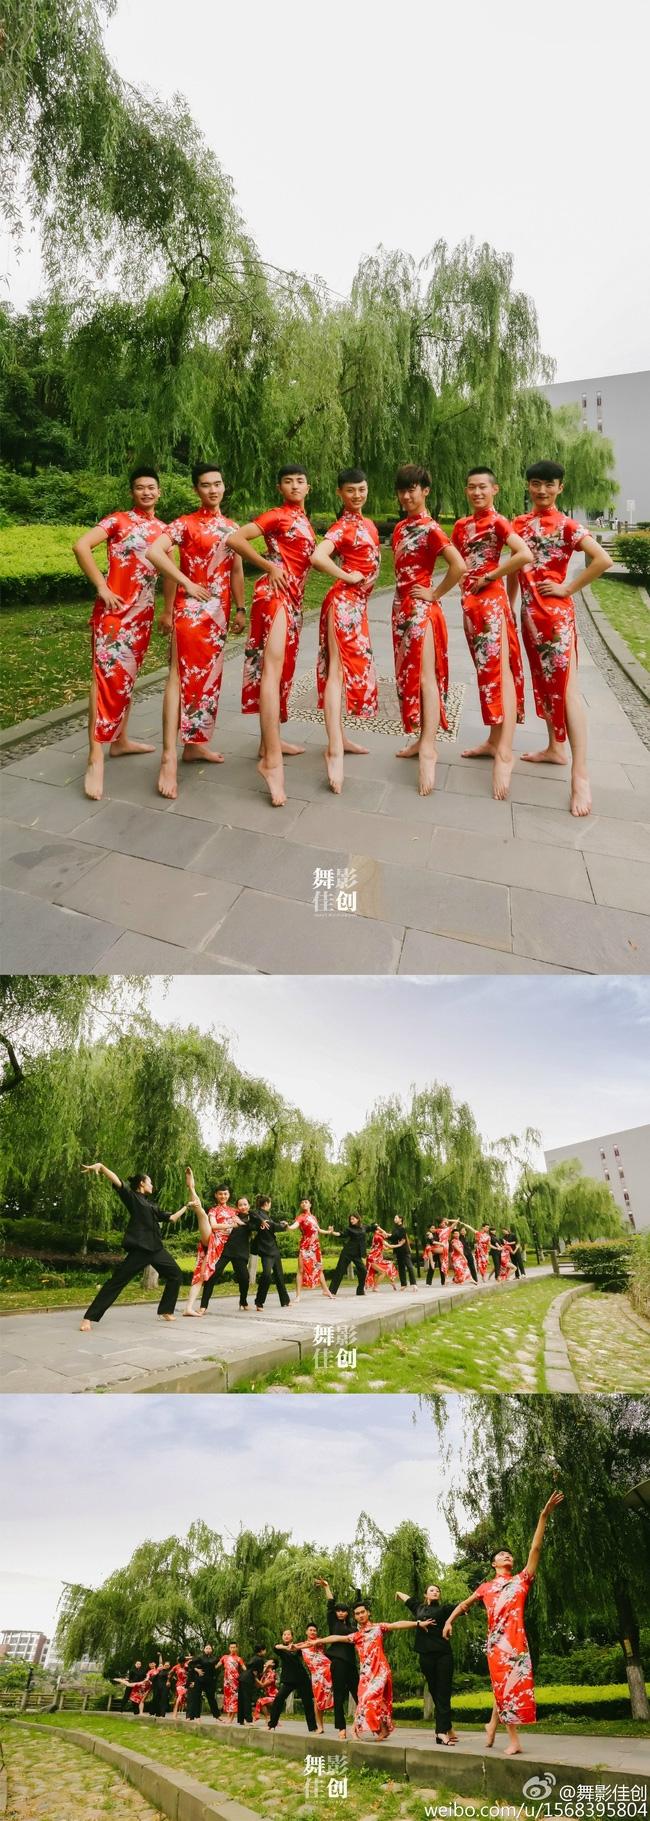 Mặc sườn xám đỏ rực chụp kỷ yếu: Chuyện lạ chắc chỉ nam sinh Trung Quốc mới dám làm! - Ảnh 1.